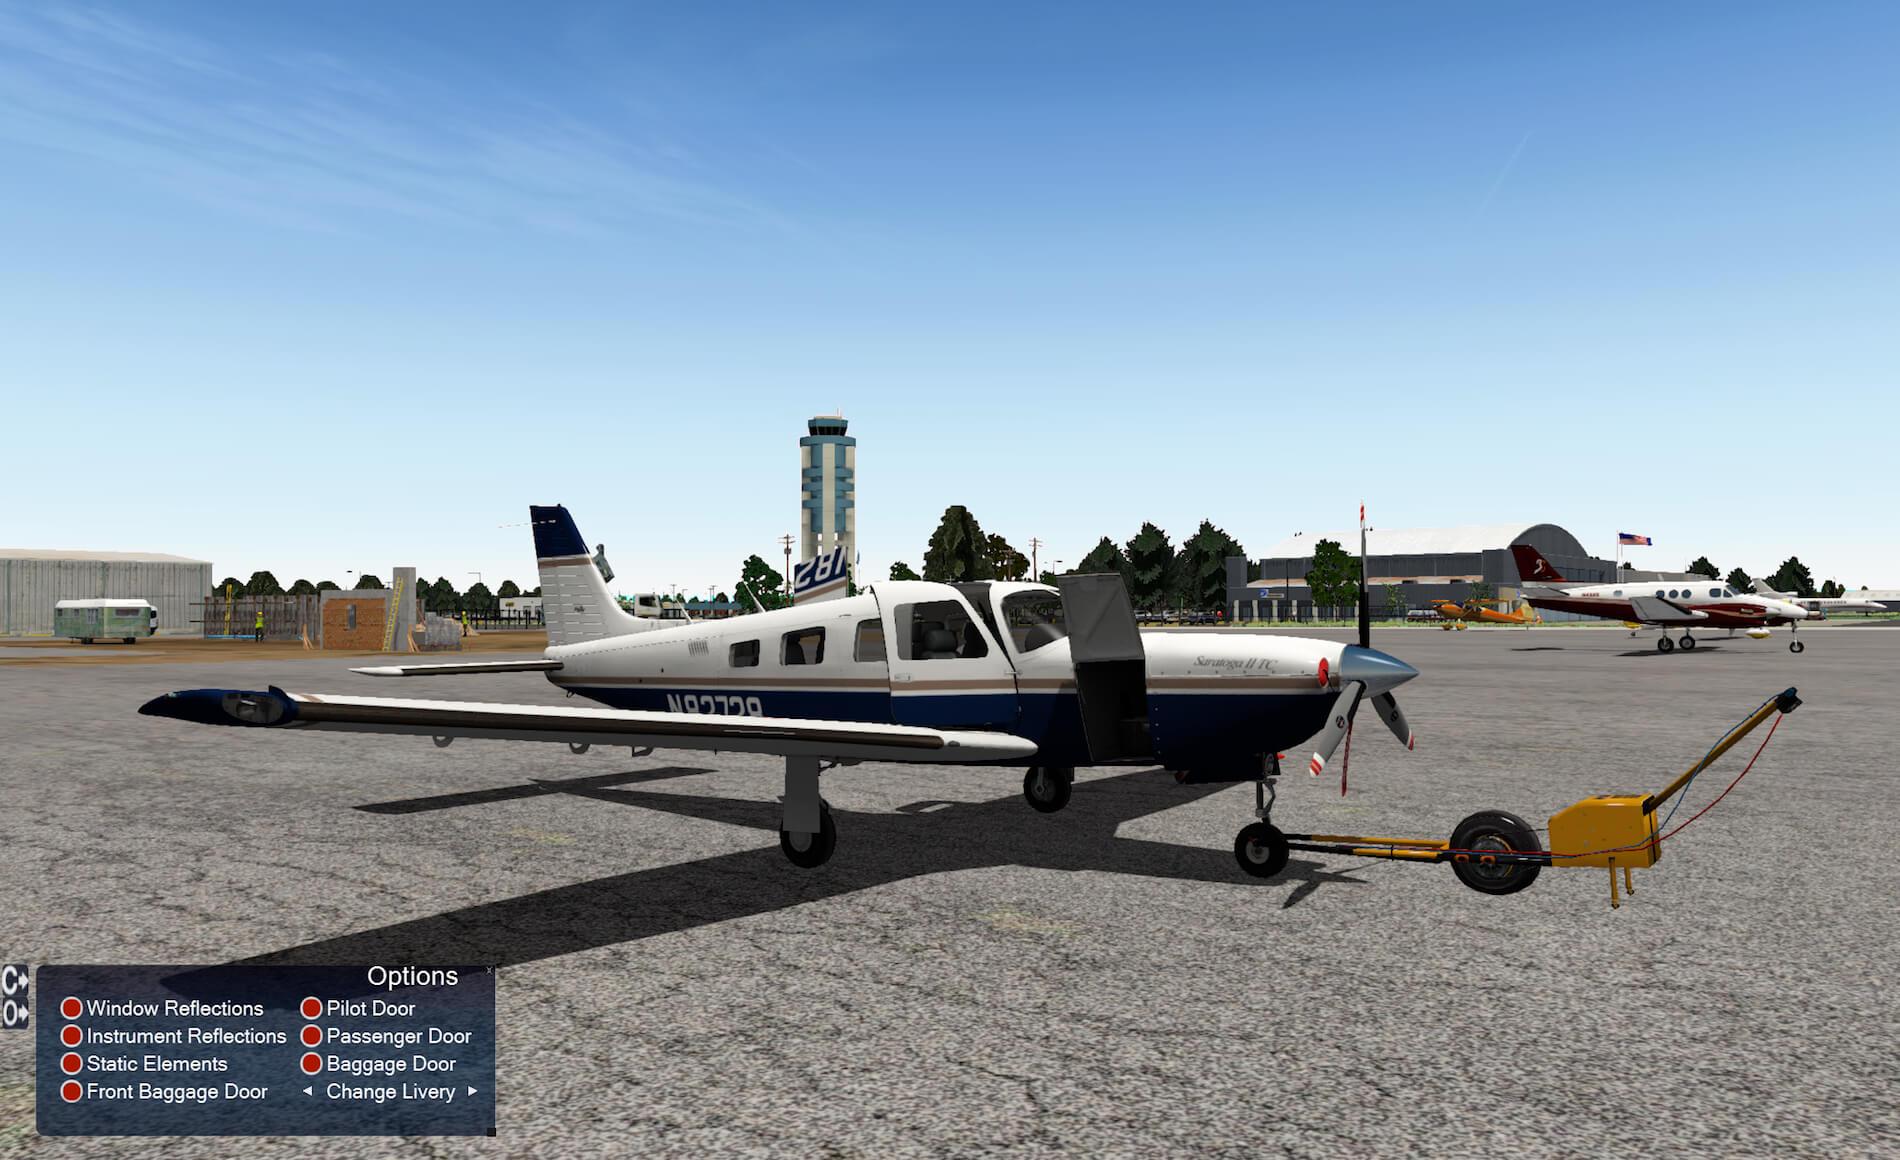 The Saratoga II TC is modeled with several animated doors: – L baggage door  – Pilot door – Passenger doors